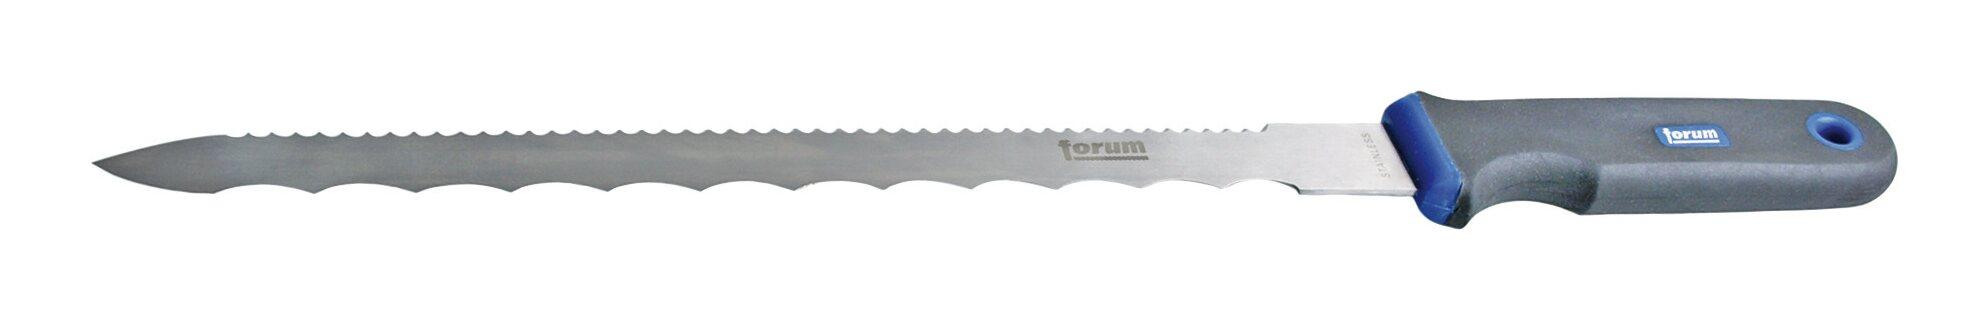 Forum Dämmstoffmesser 300 mm Kunststoff-Griff